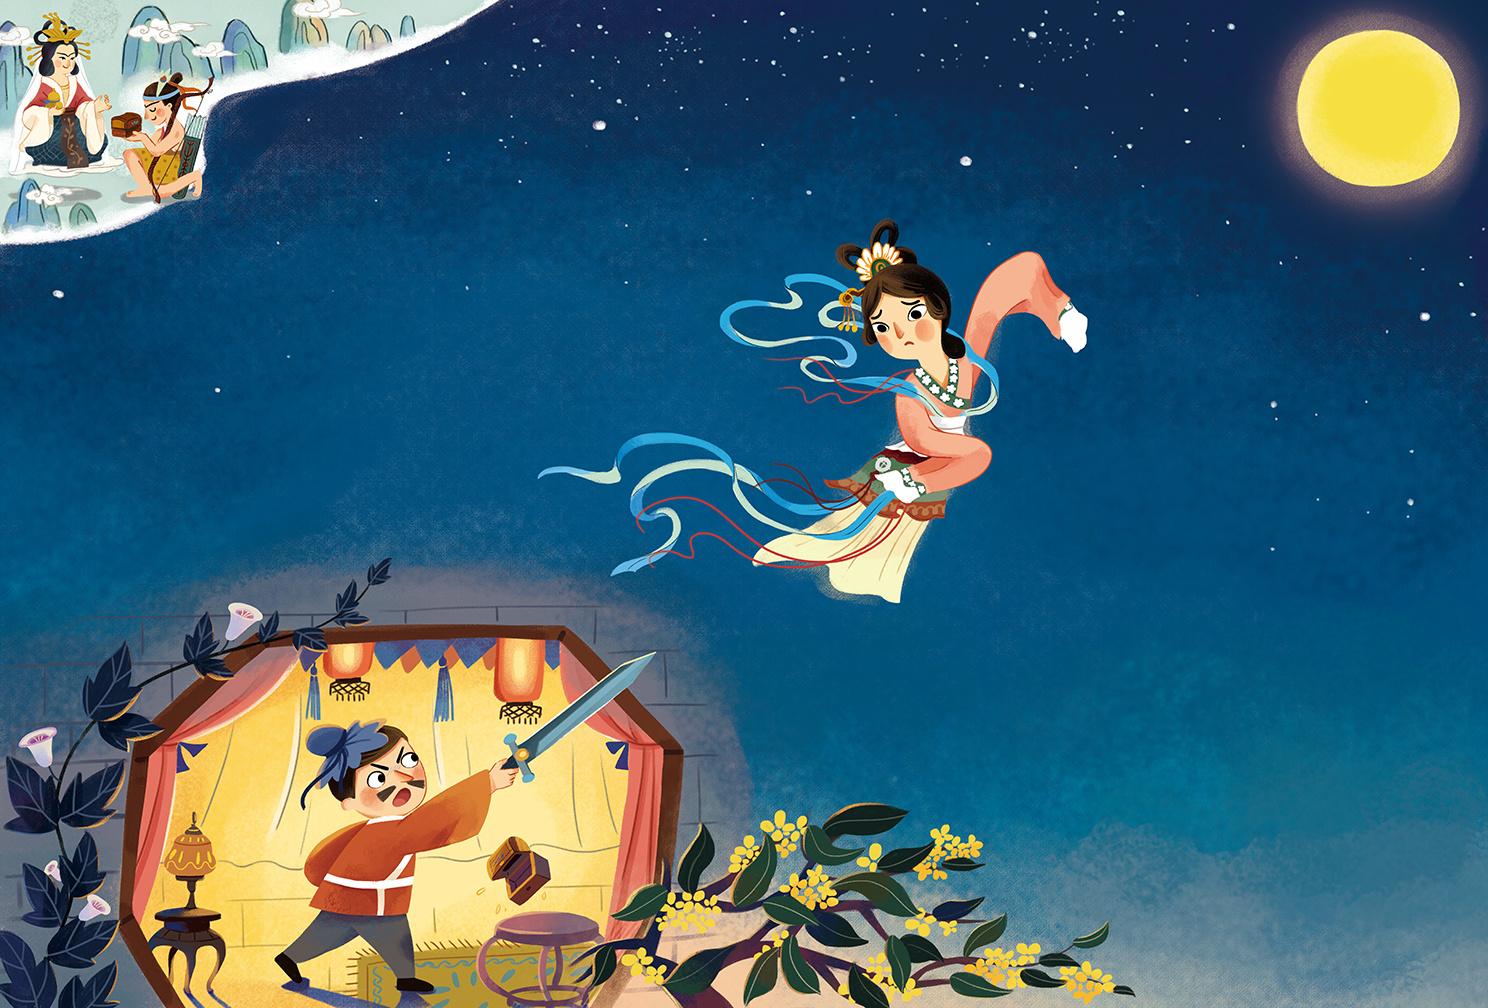 童话故事之嫦娥奔月图片